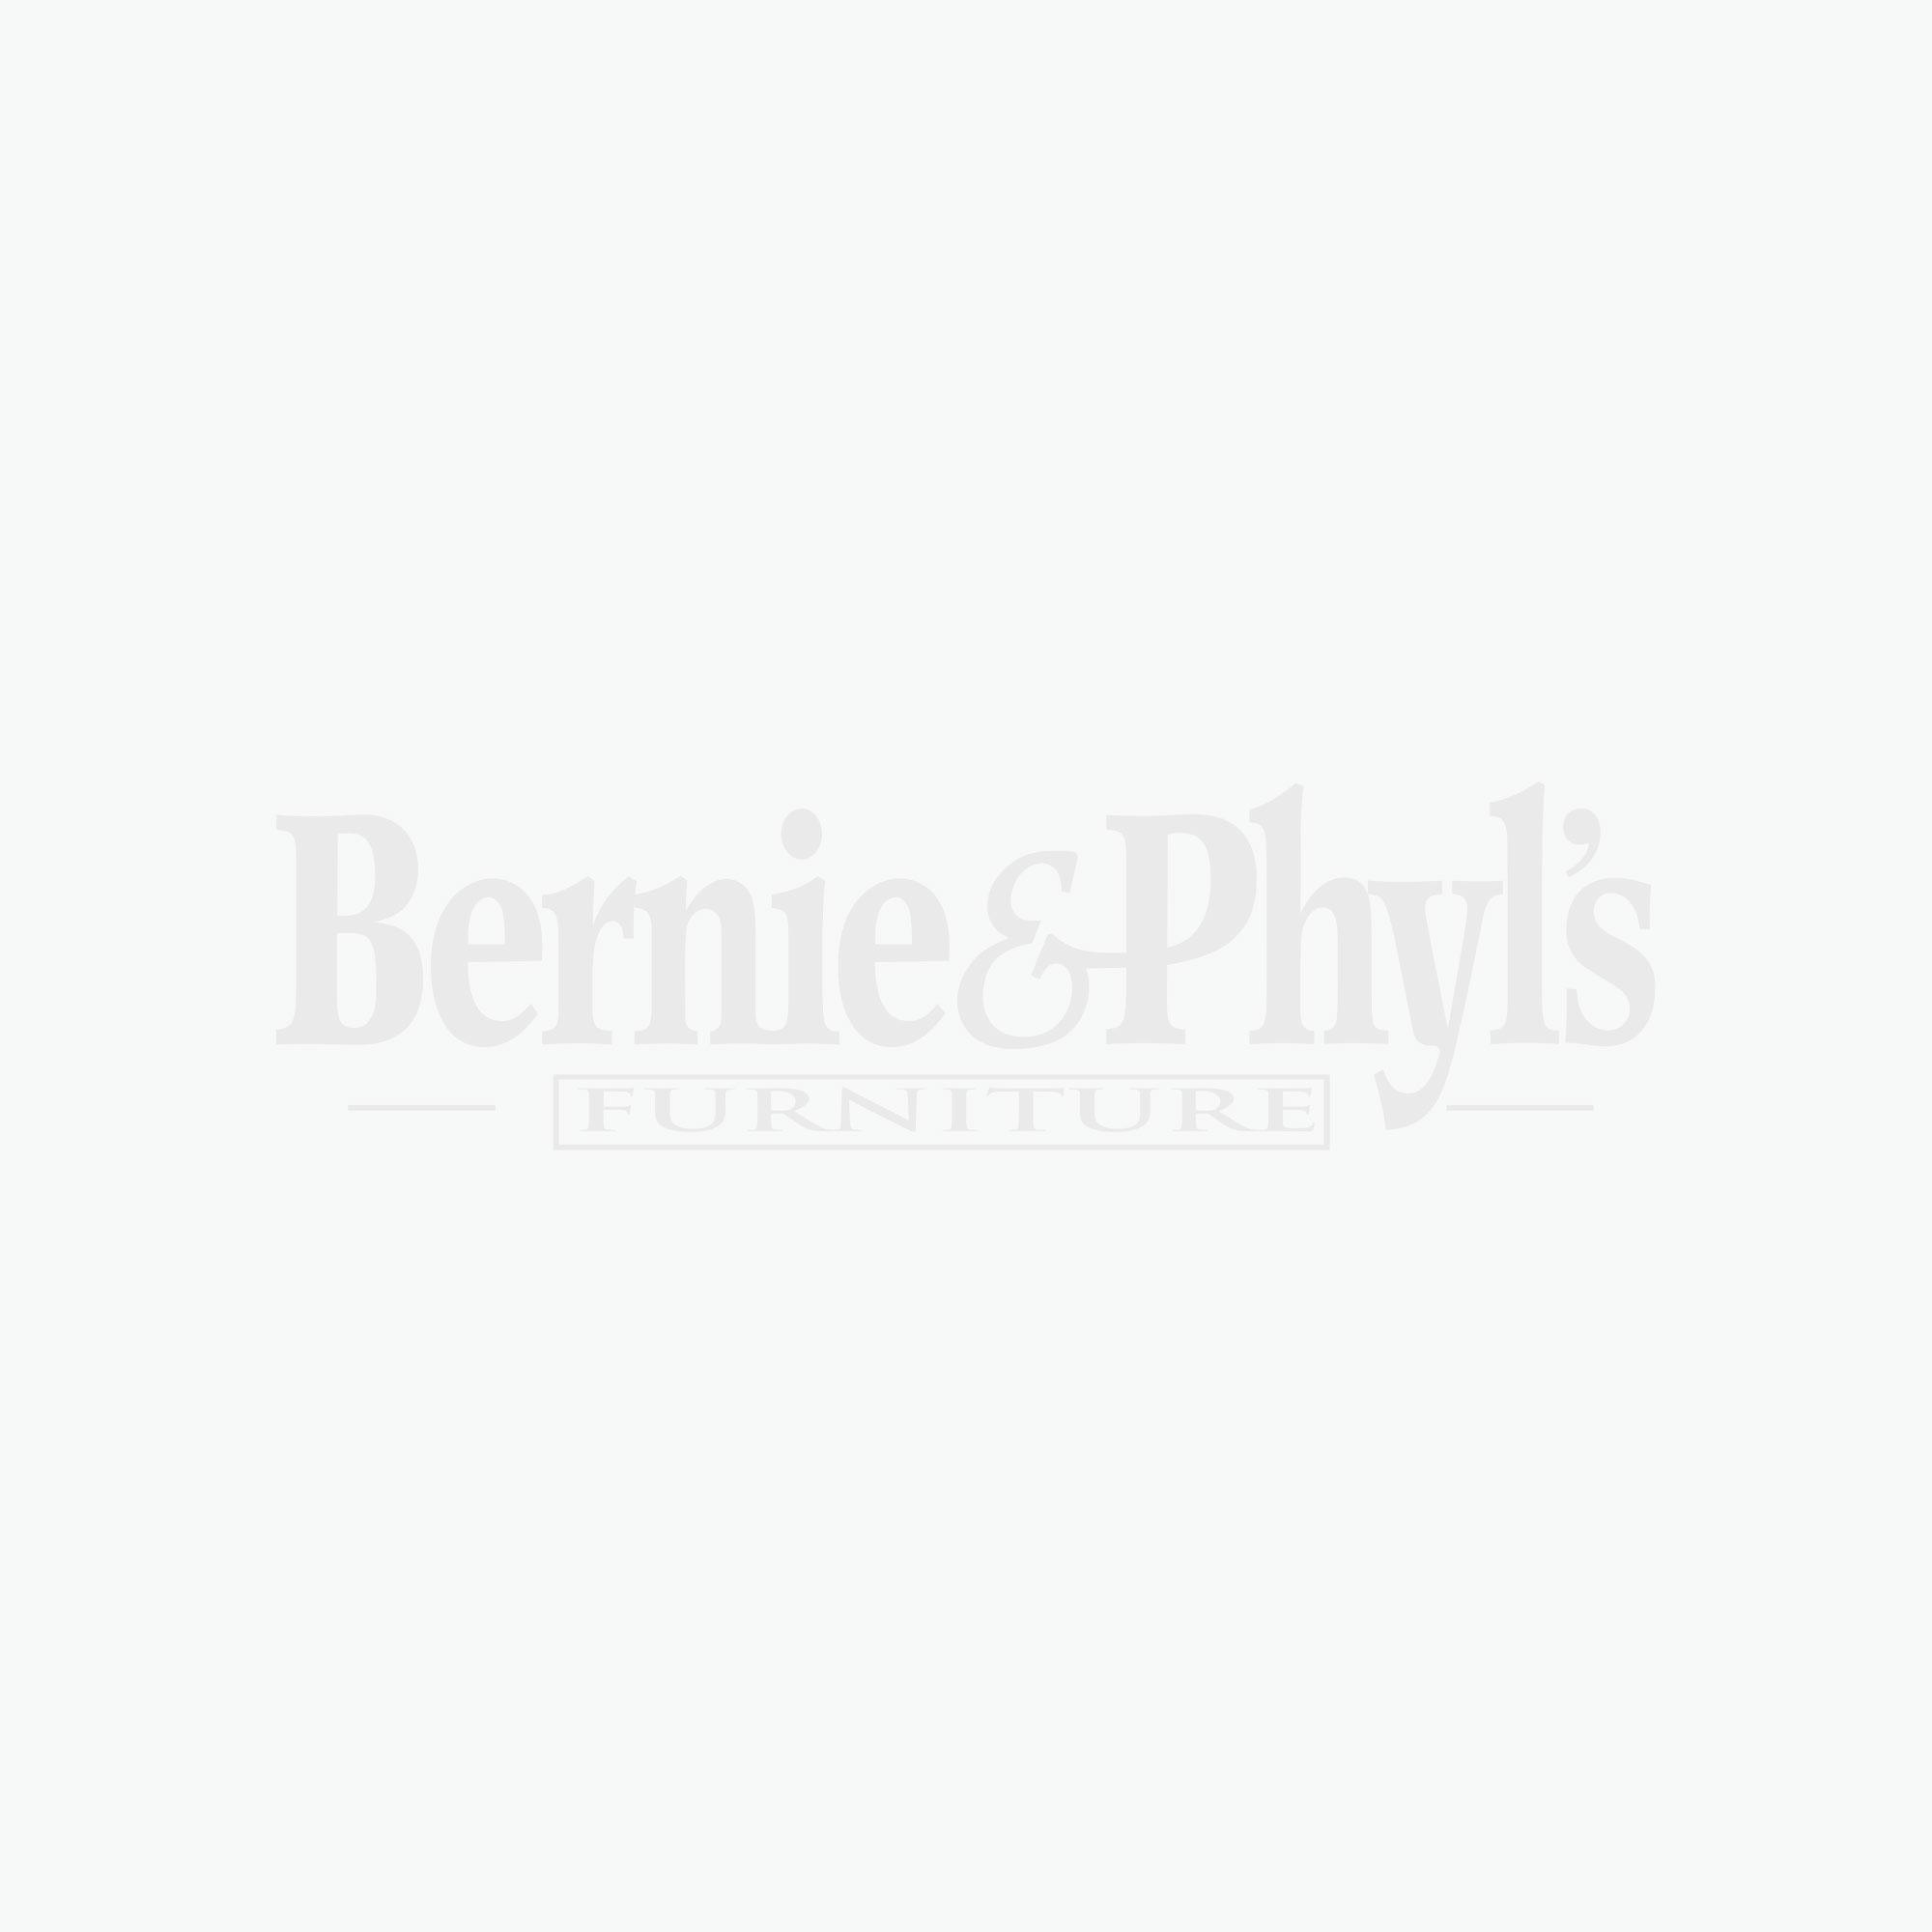 Bench w/ Rattan Baskets - White - (Set of 1) - BC9218R - by Southern Enterprises